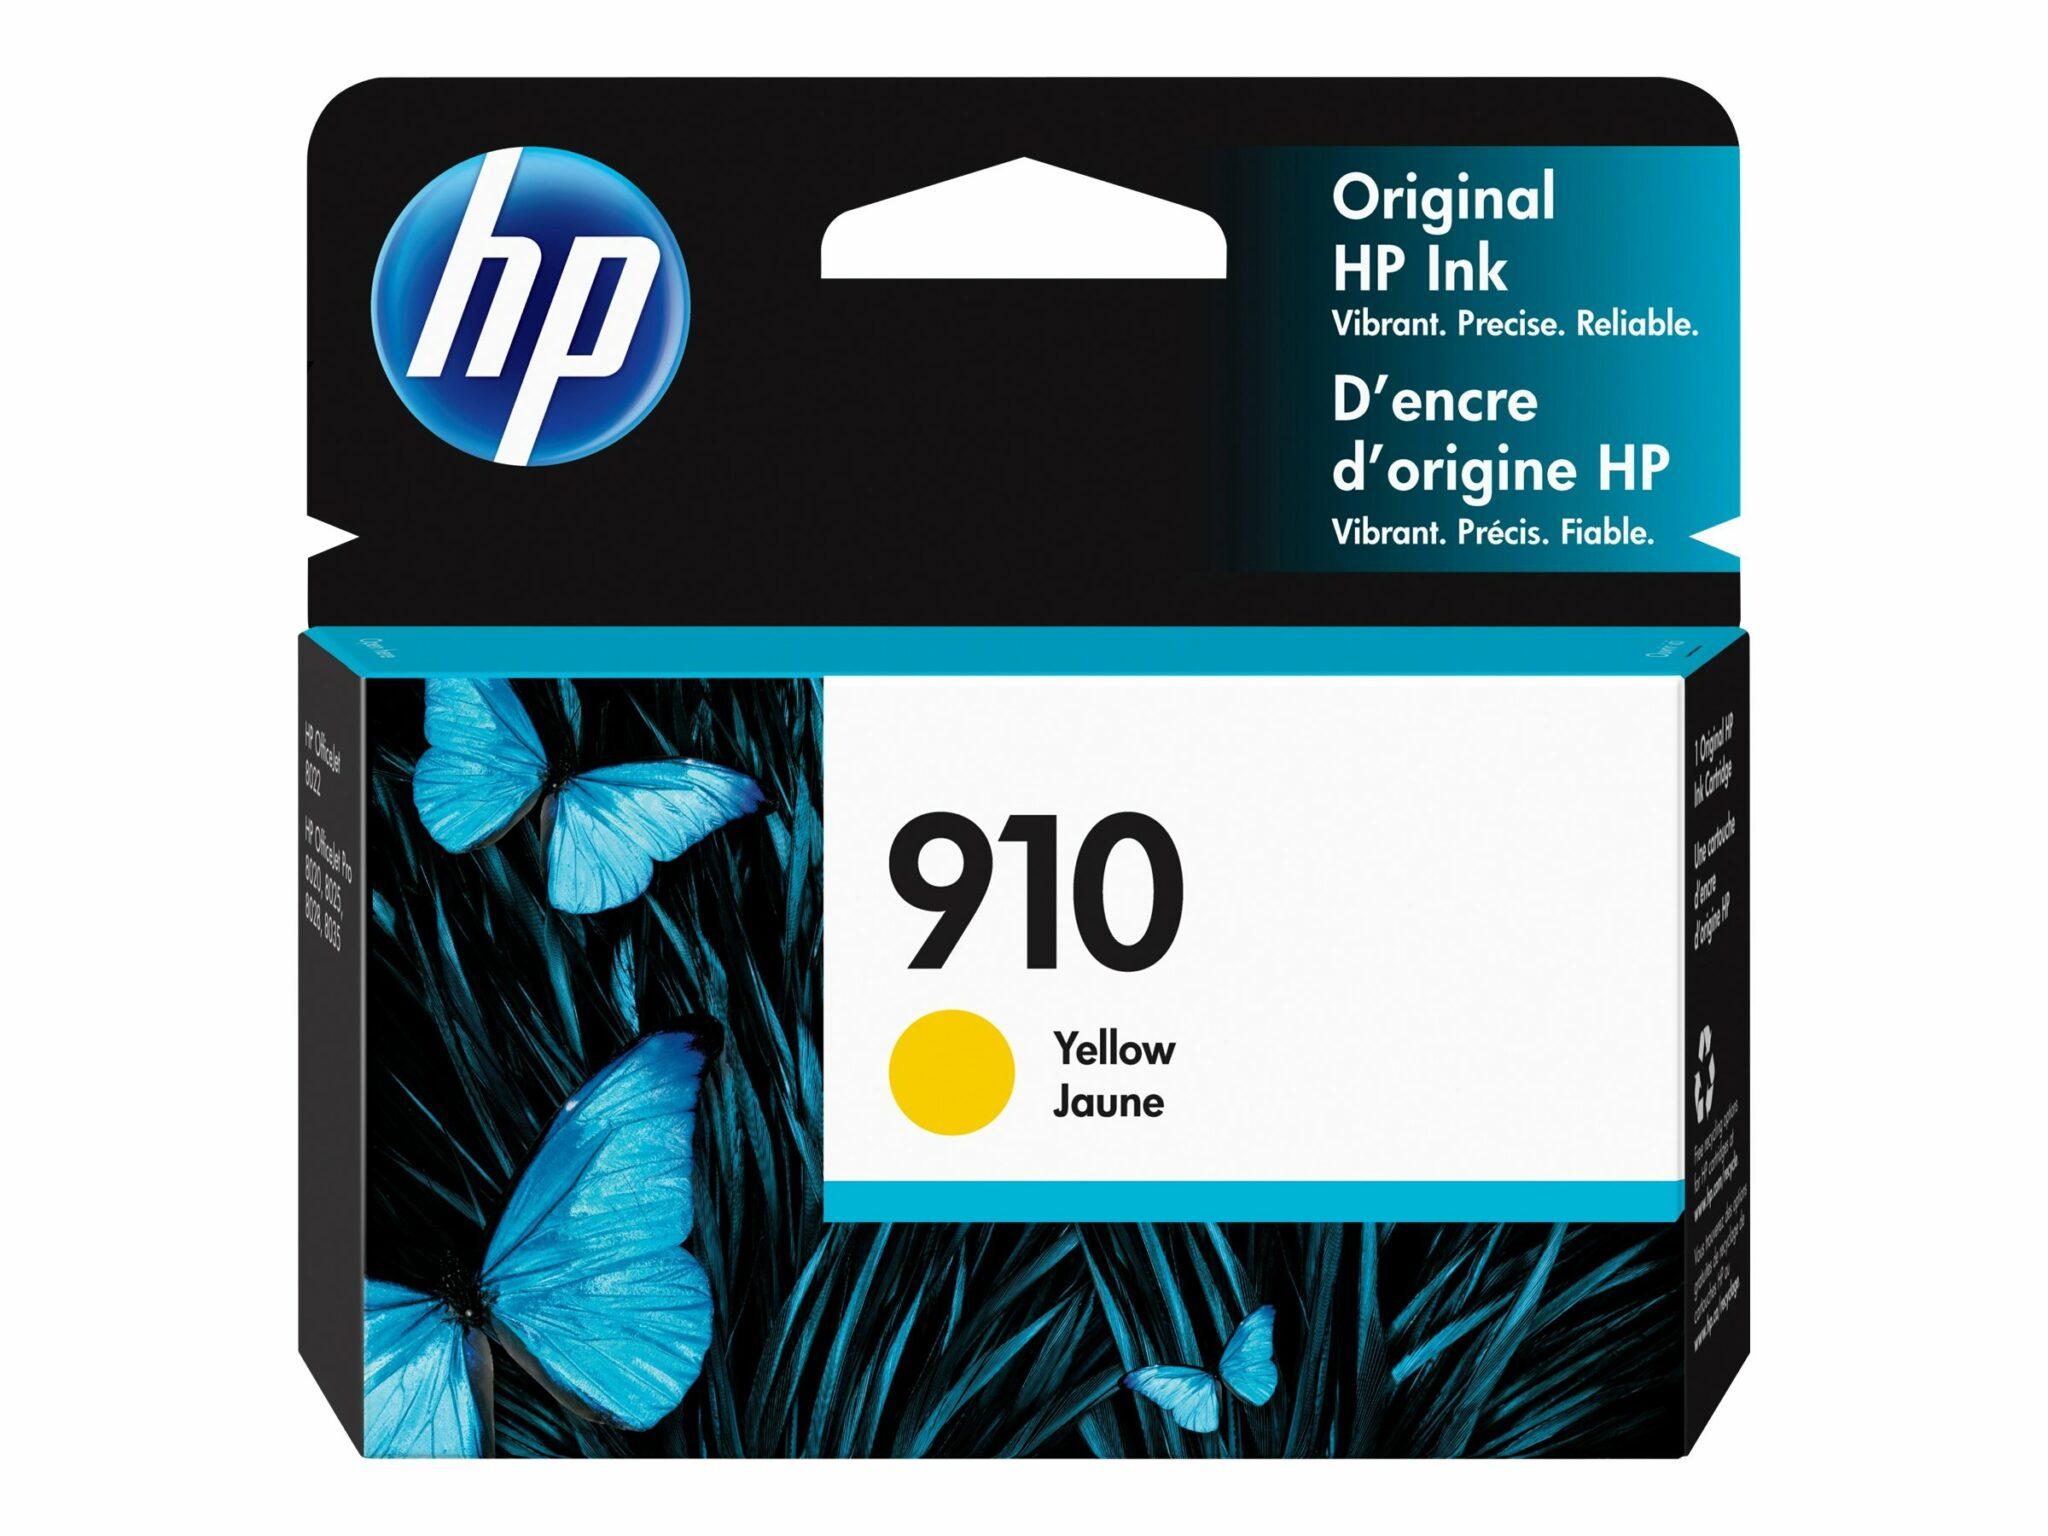 HP 910 Yellow Original Ink Cartridge